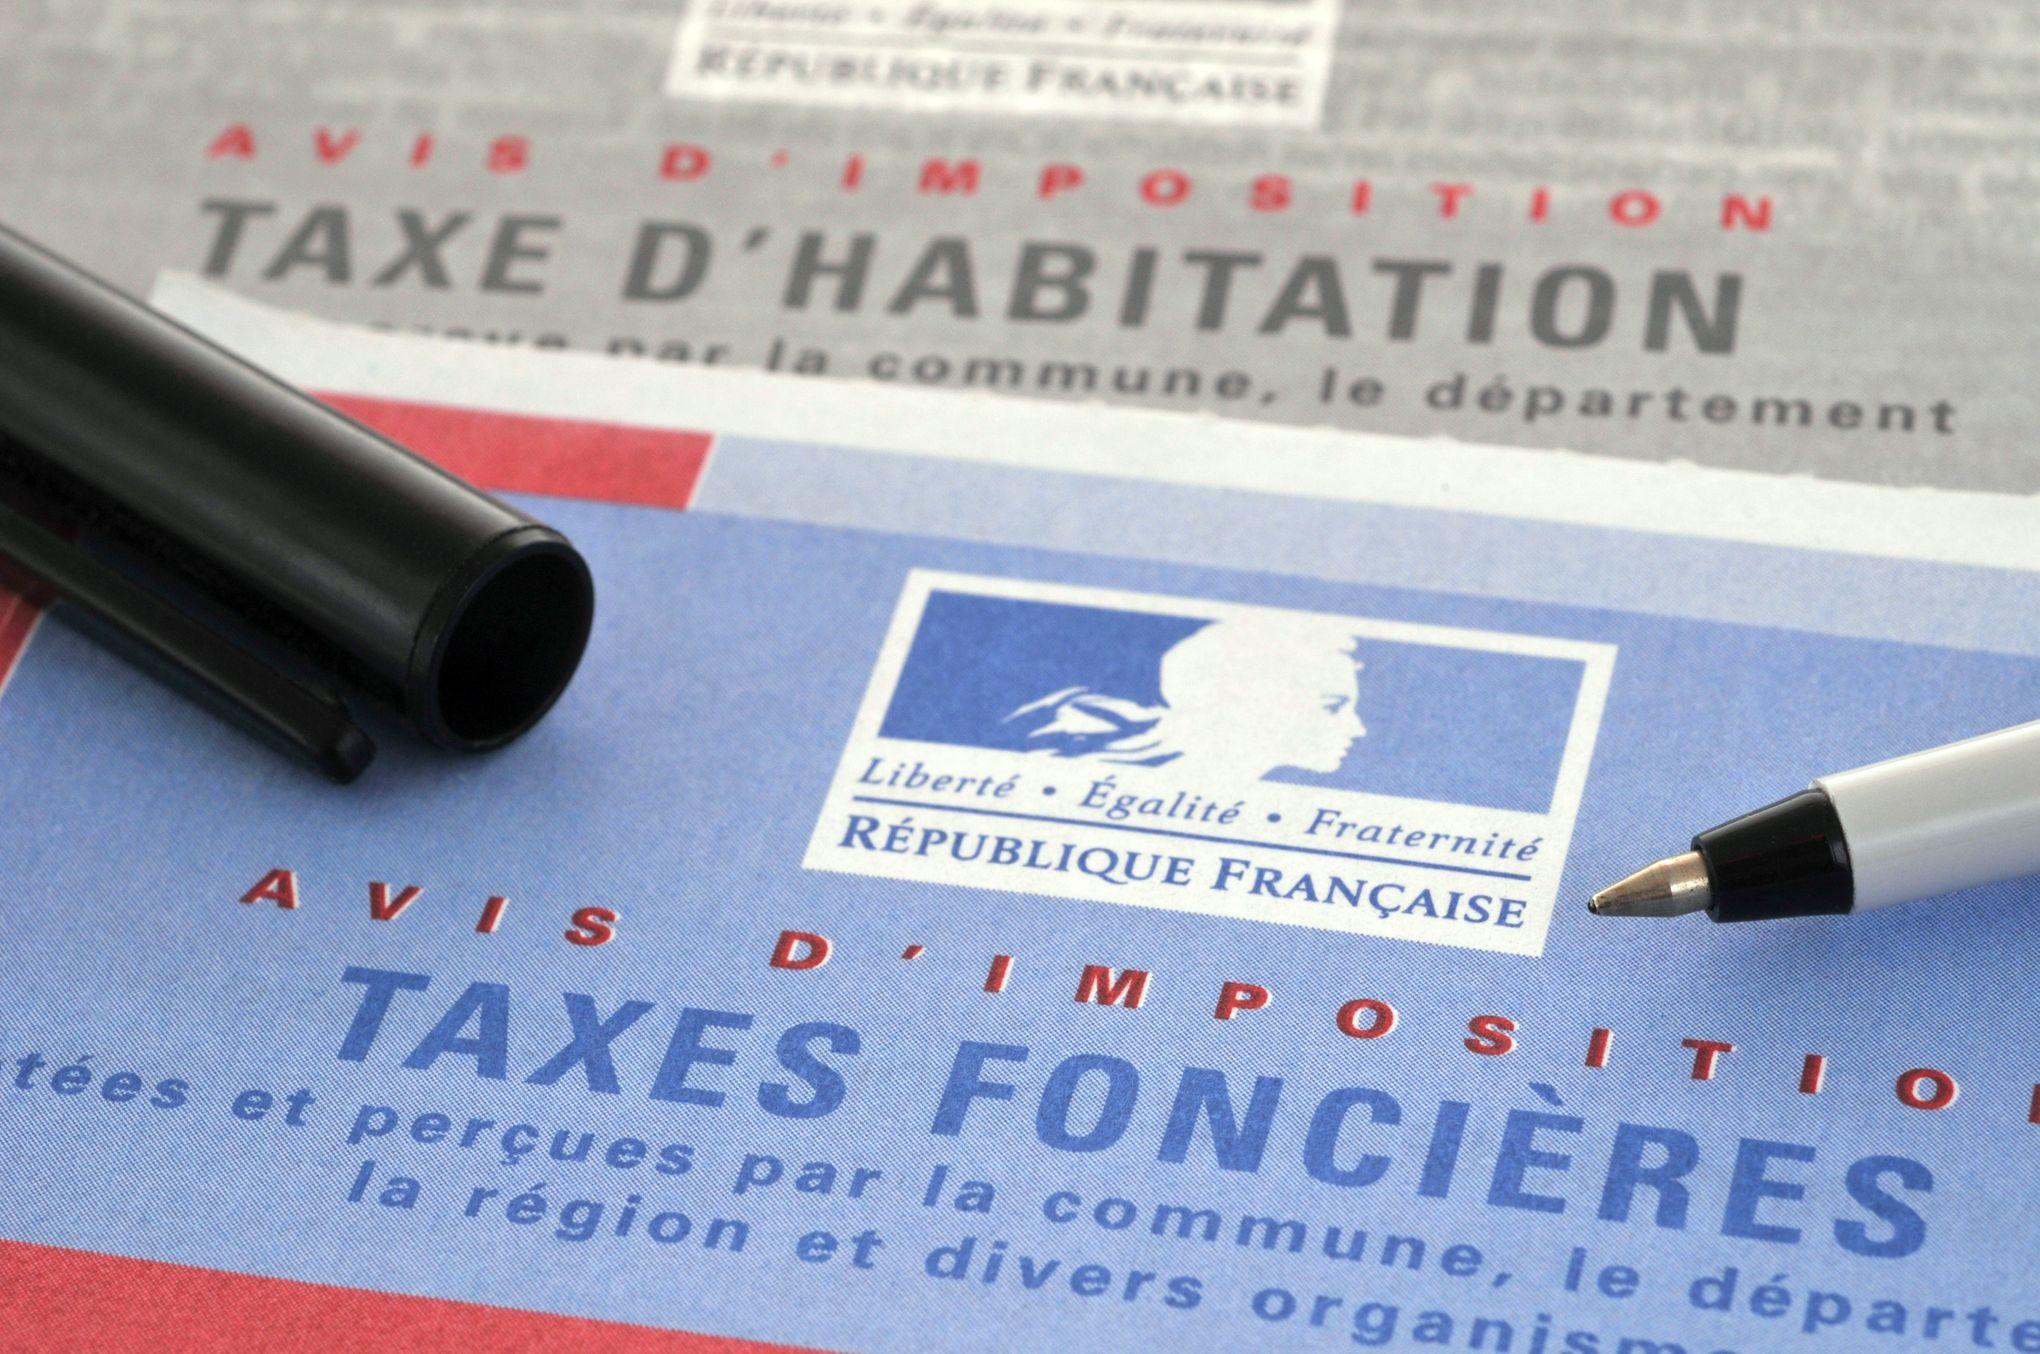 Taxe foncière : paiement dématérialisé obligatoire dès 1 000 €